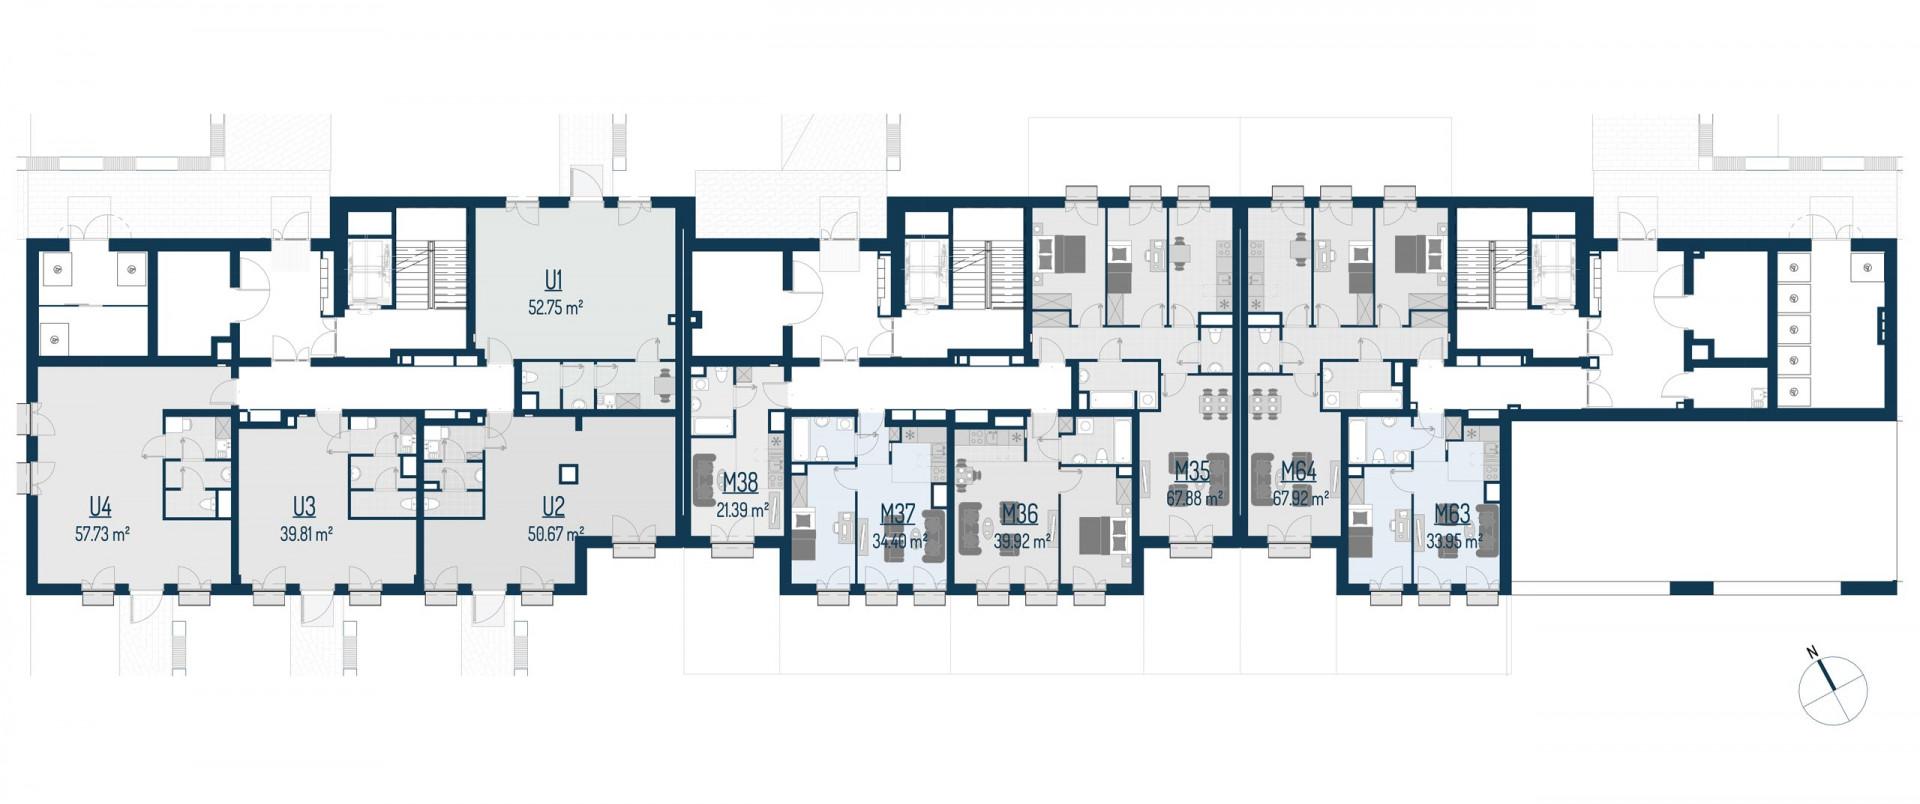 Zdrowe Stylove / budynek 1 / mieszkanie nr M64 rzut 2